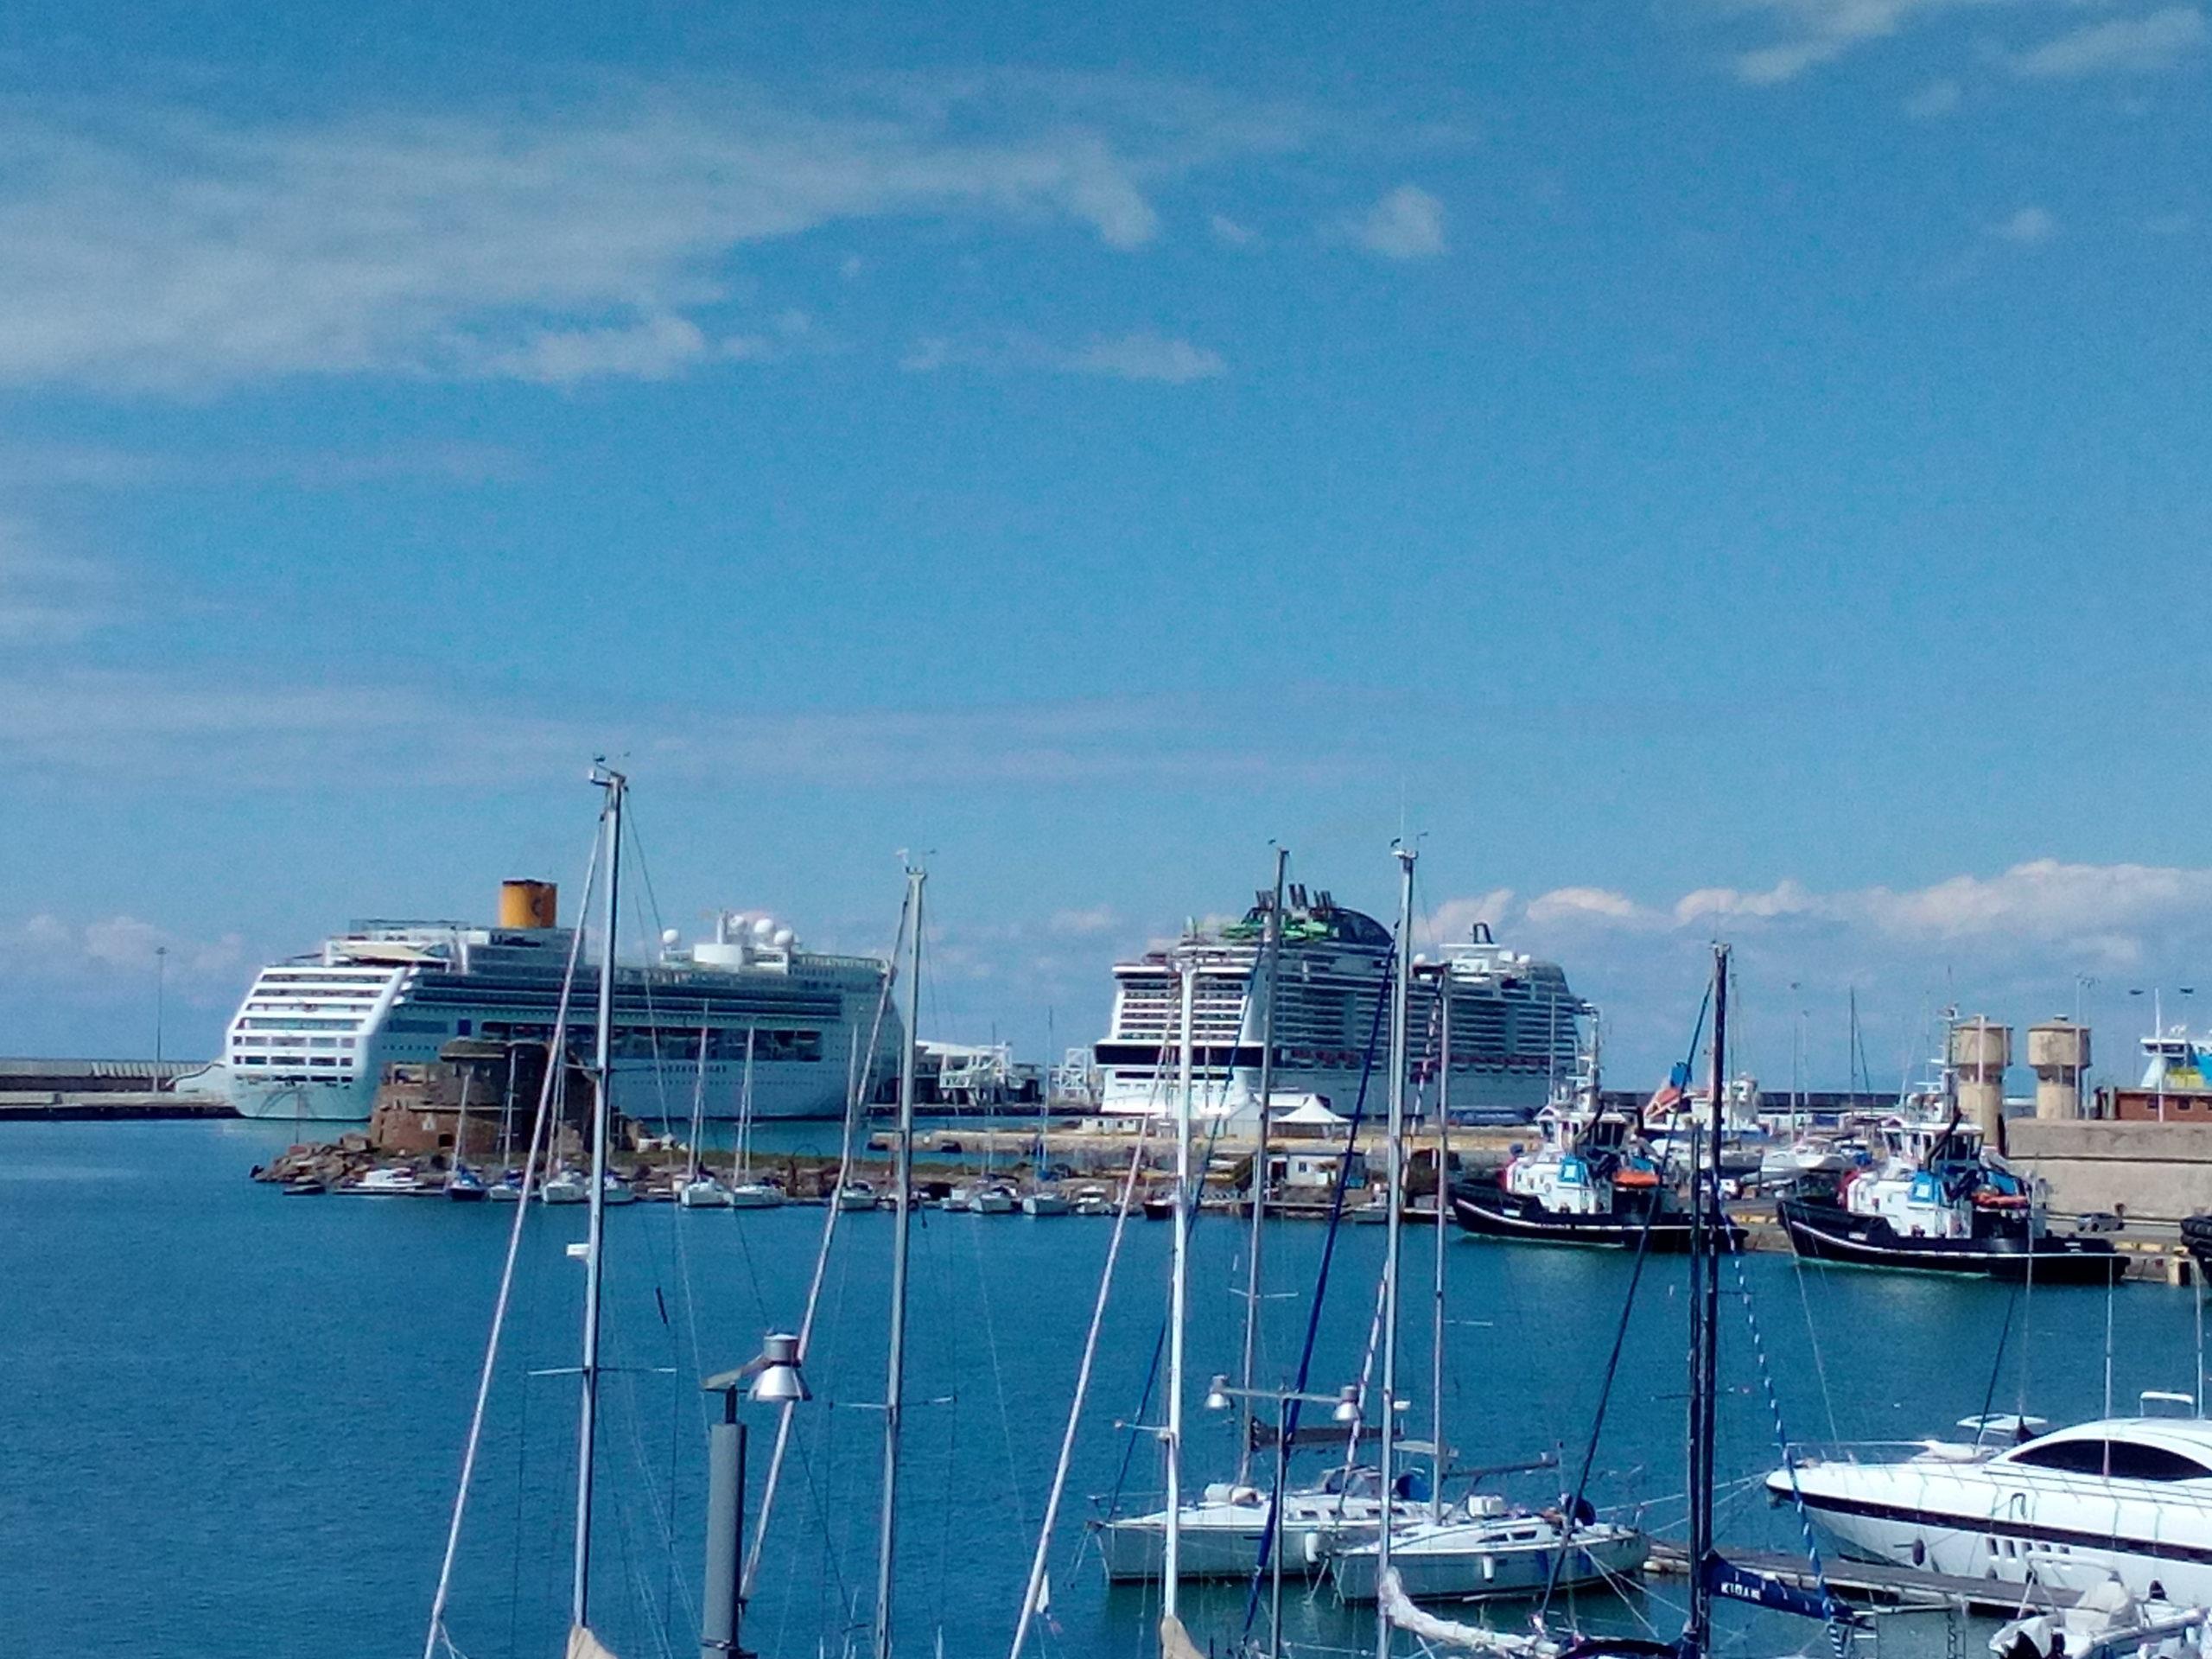 Arrivata al porto di Civitavecchia la Costa Victoria domani lo sbarco e pullman per l'aeroporto